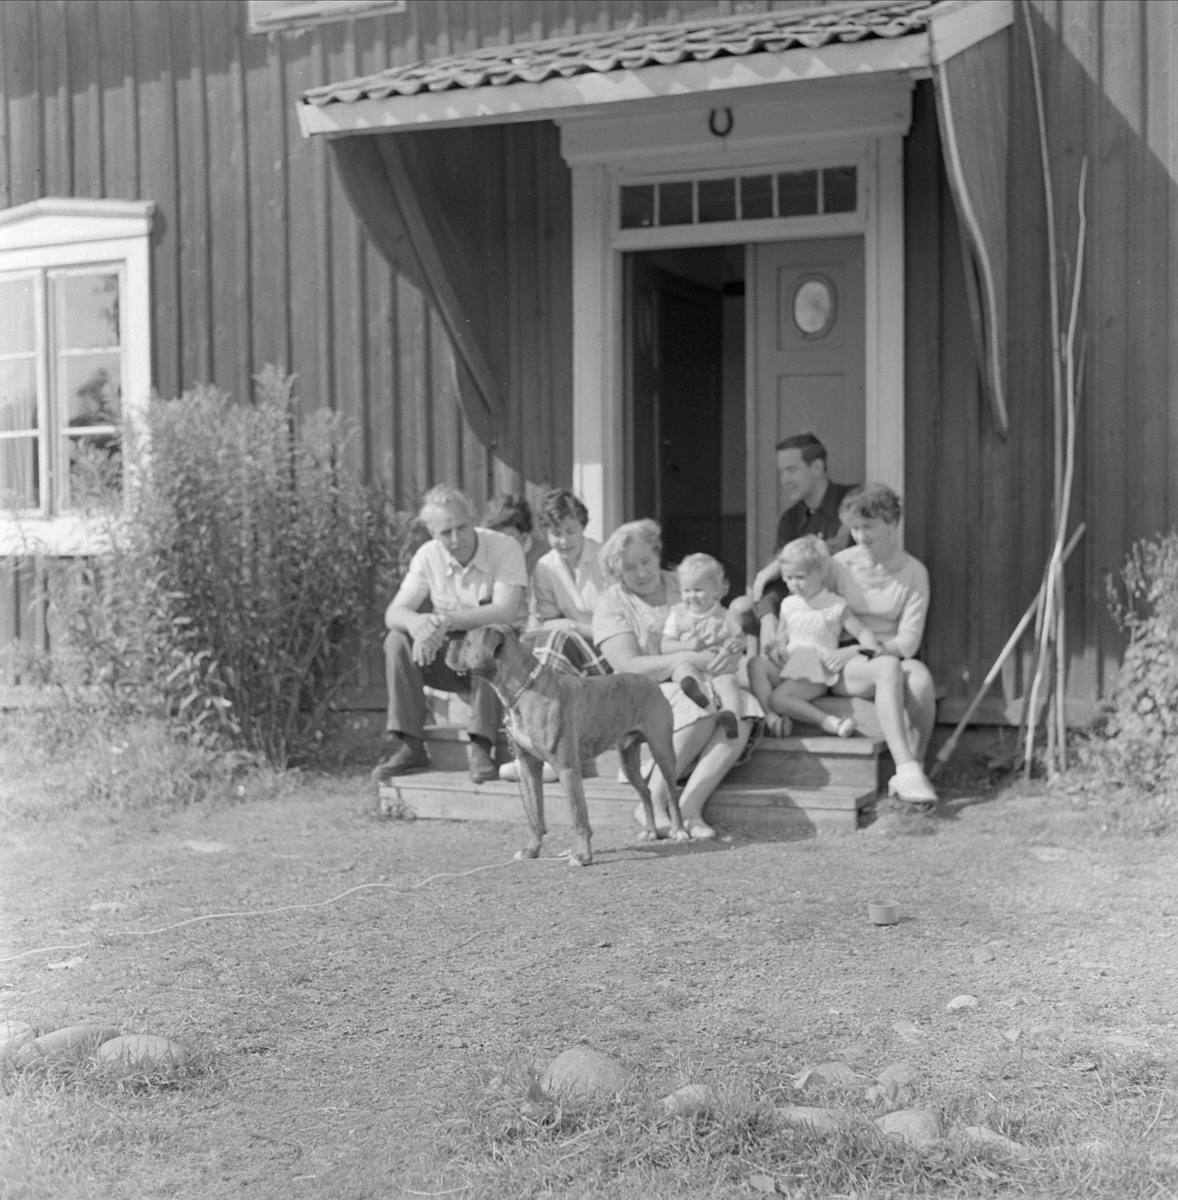 Gunnar Sundgrens familj på trappan utanför bostadshus, sannolikt Uppsala